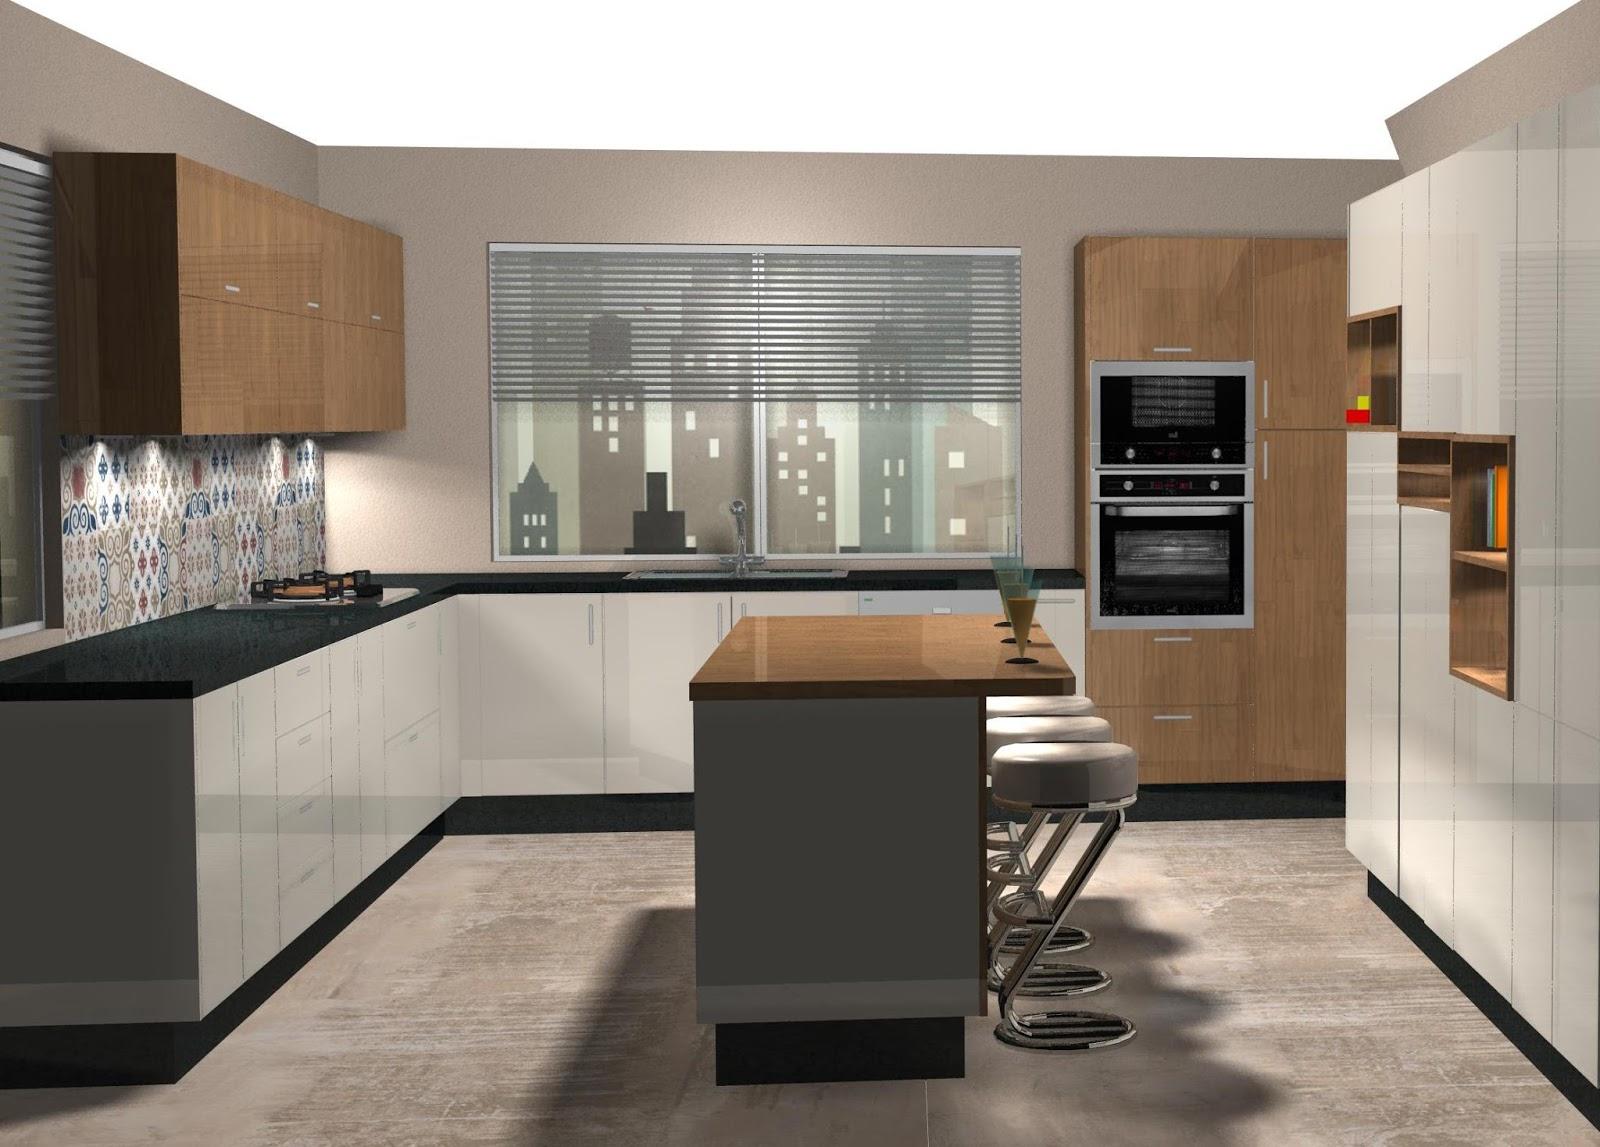 Dise o muebles de cocina dise o de cocina laminado en for Muebles de cocina 2016